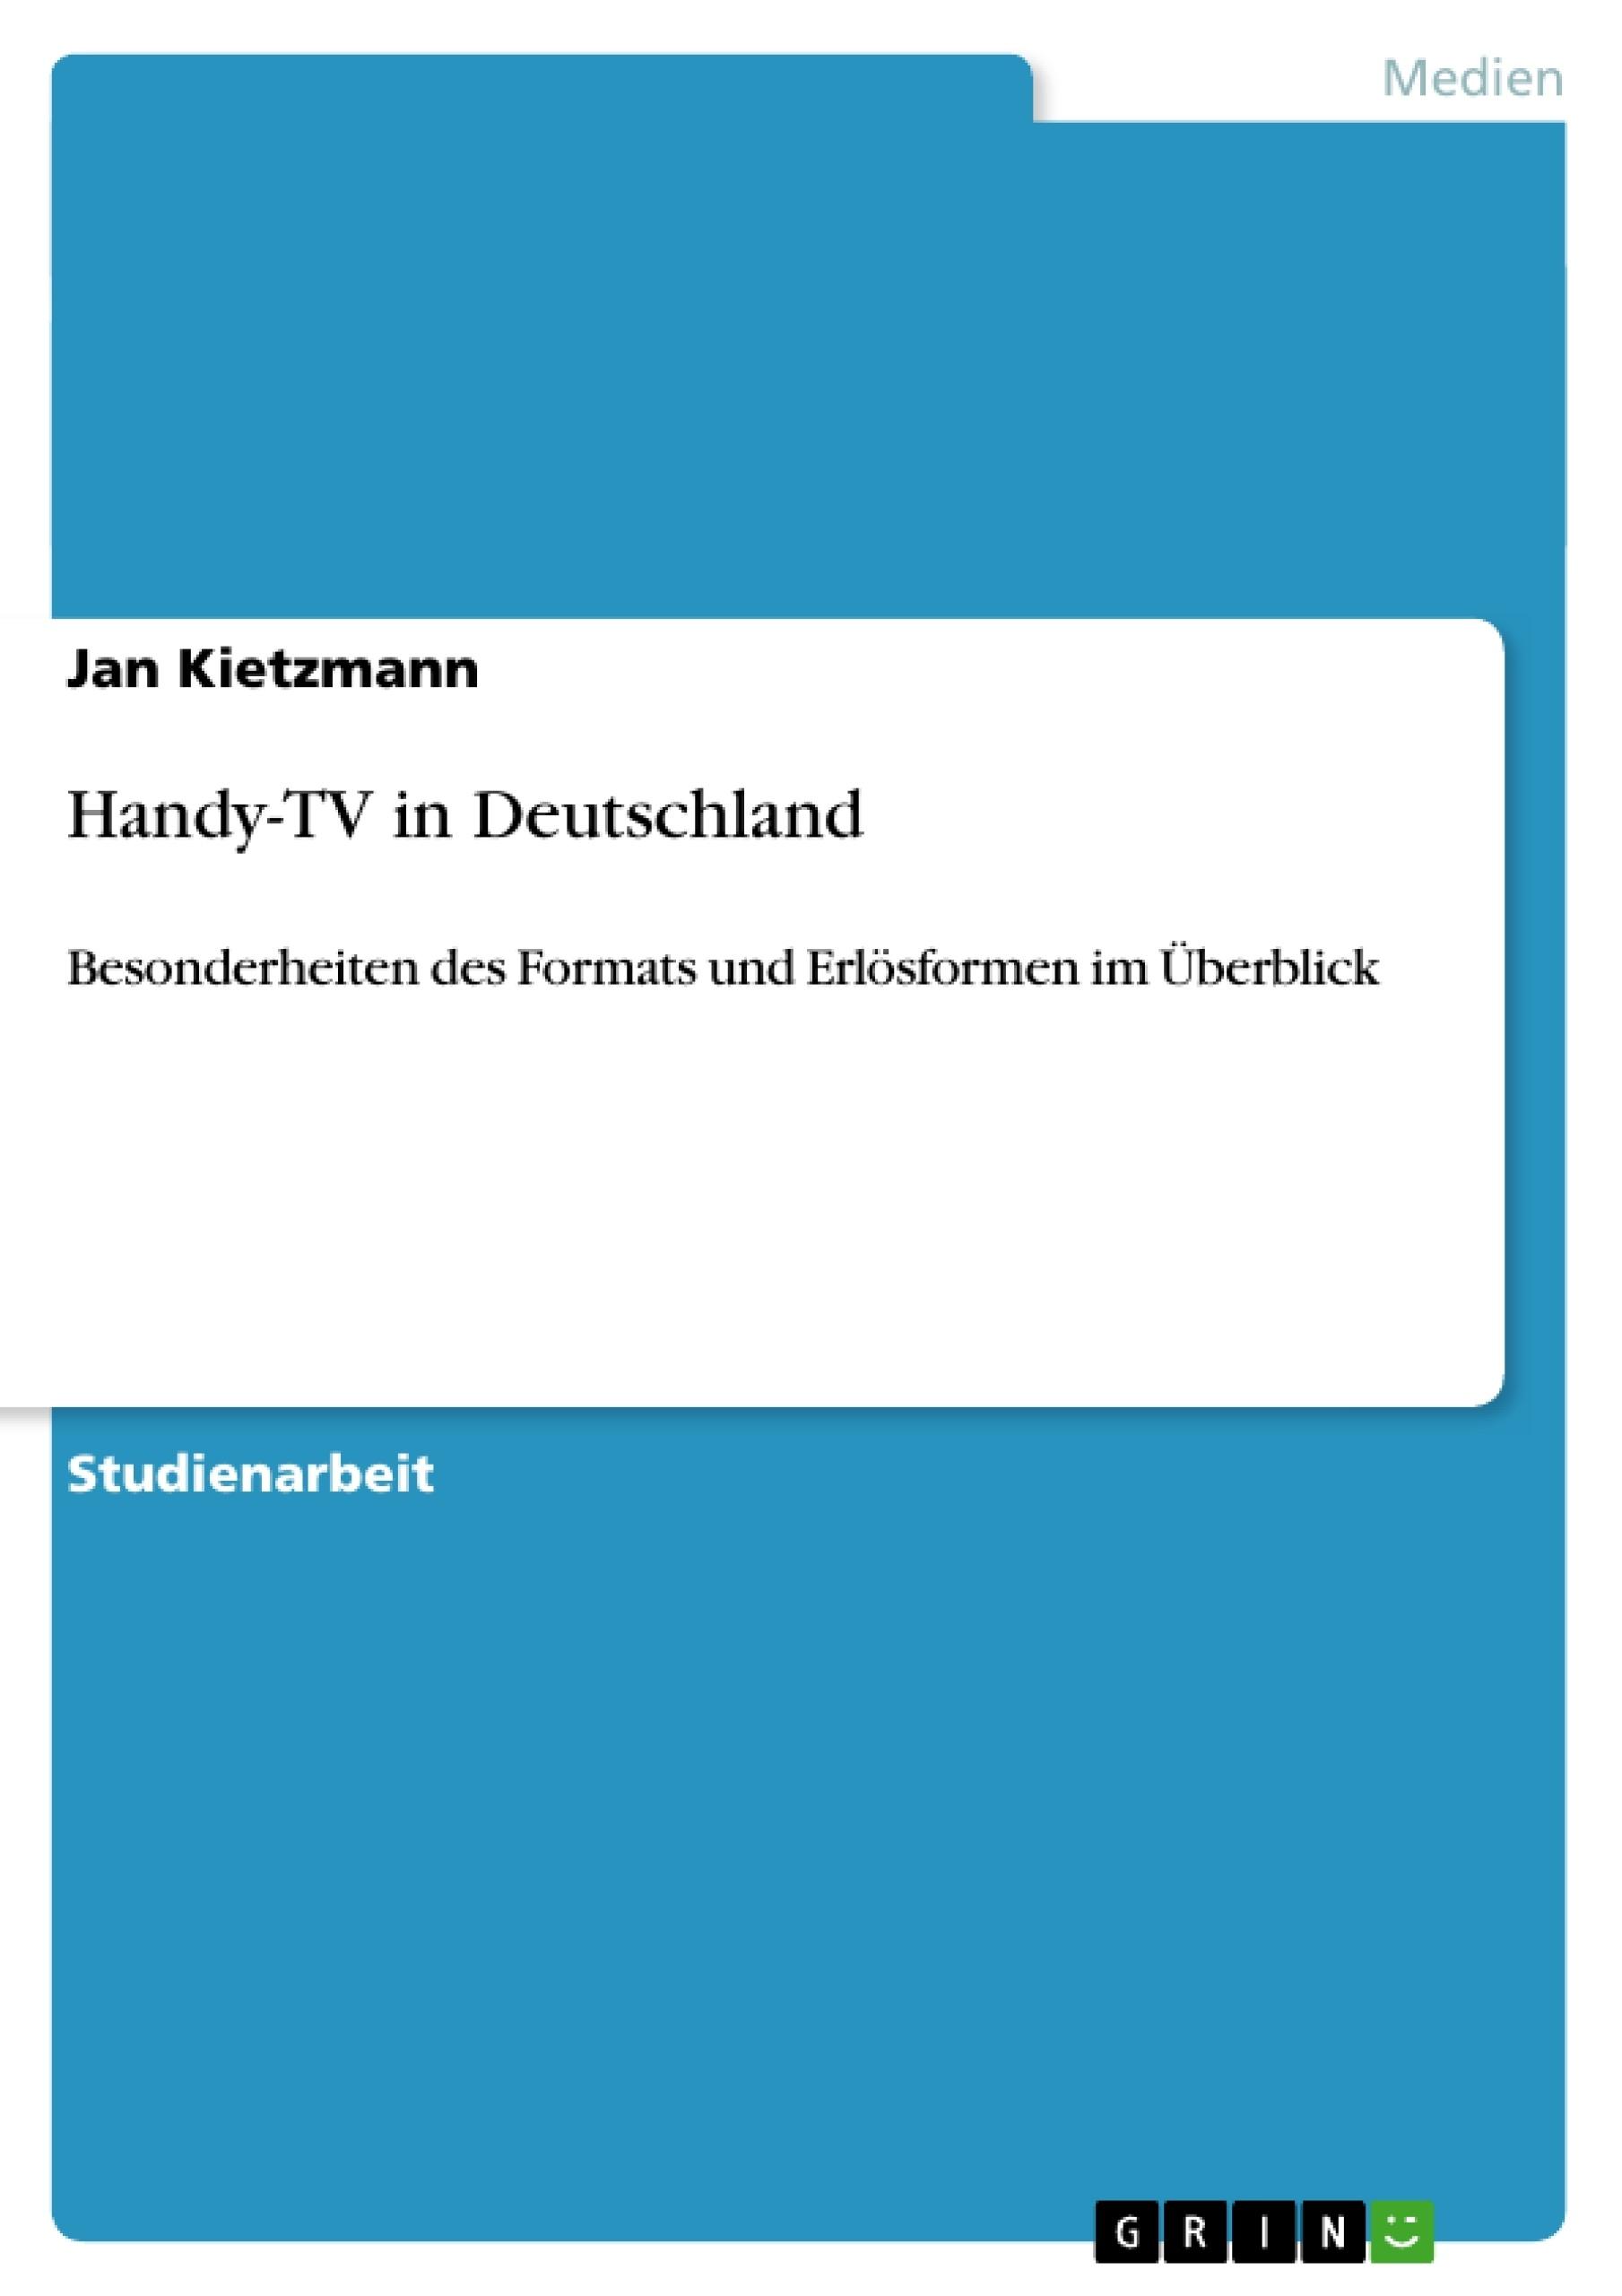 Titel: Handy-TV in Deutschland